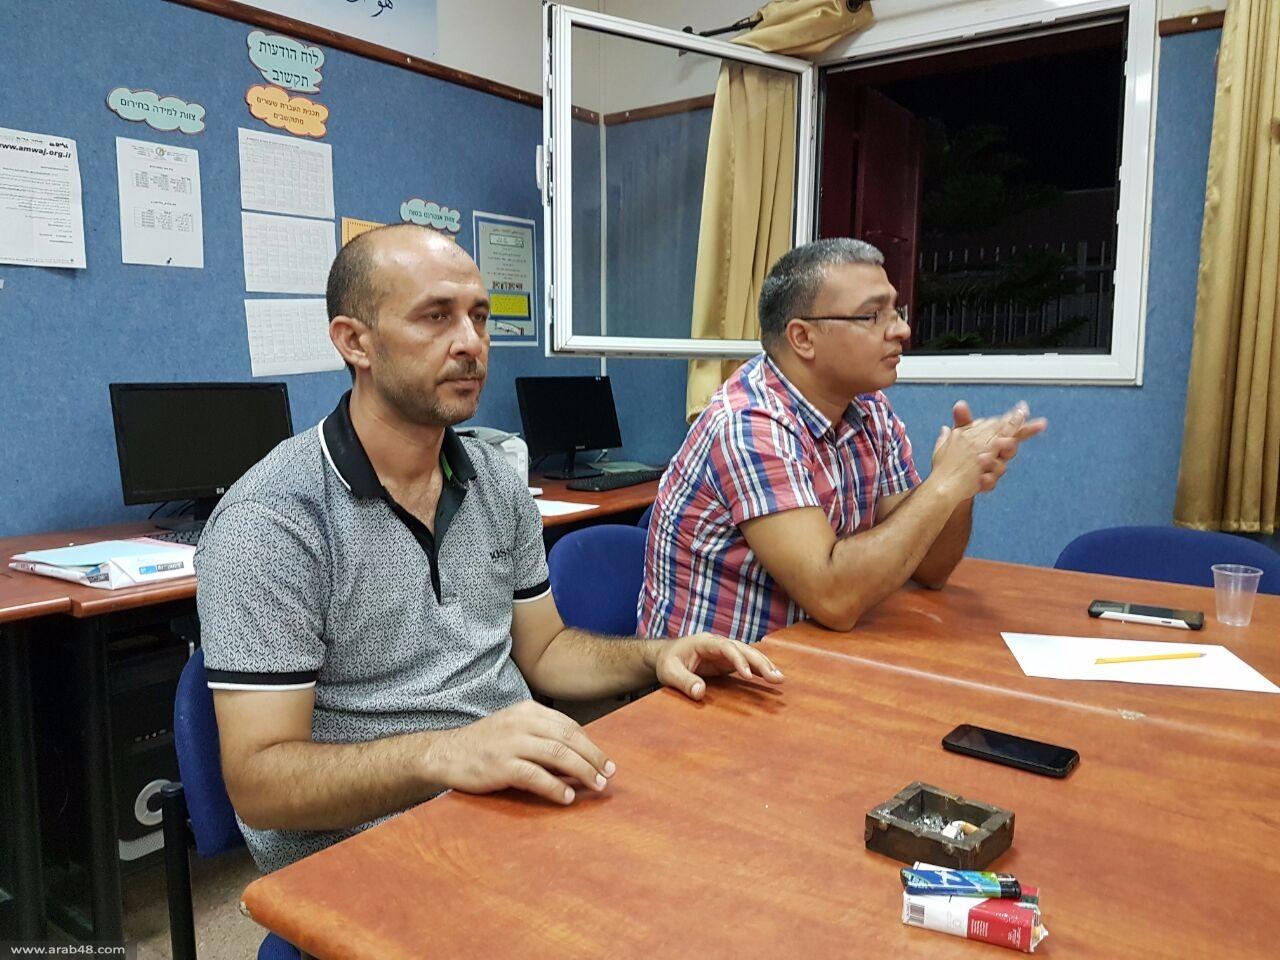 سخنين تعلن الإضراب في ذكرى انتفاضة القدس